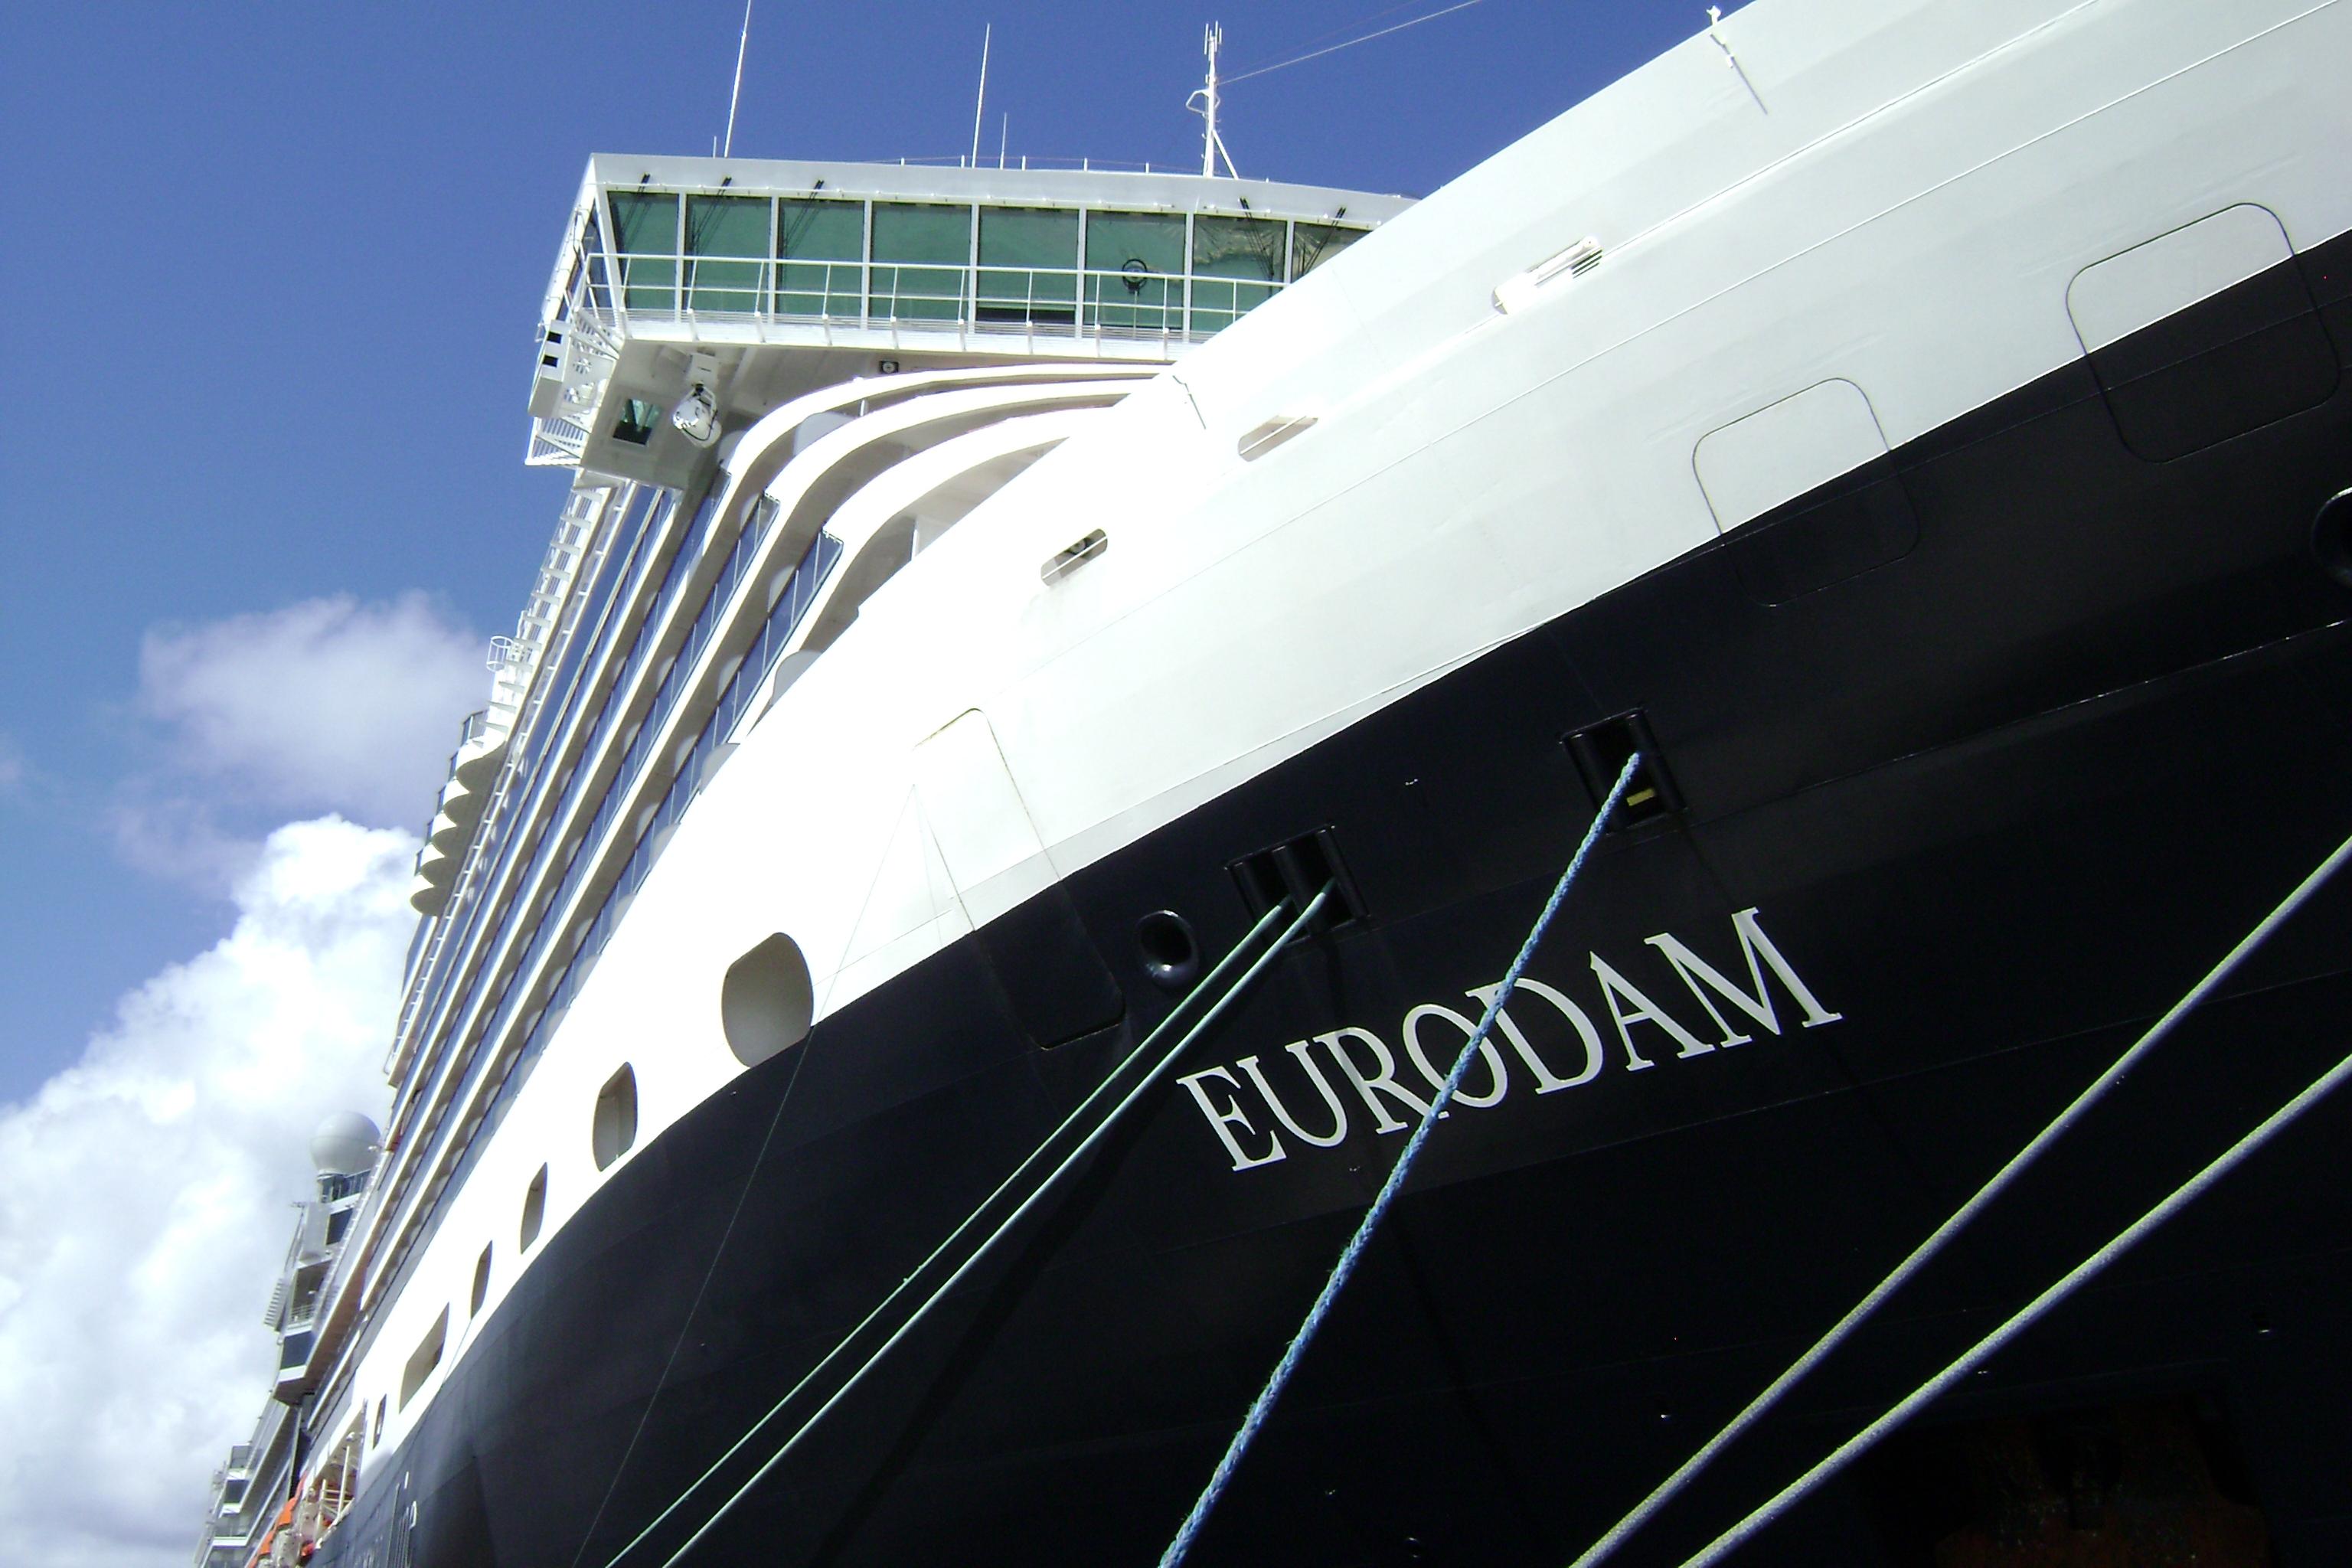 Holland America – Eurodam